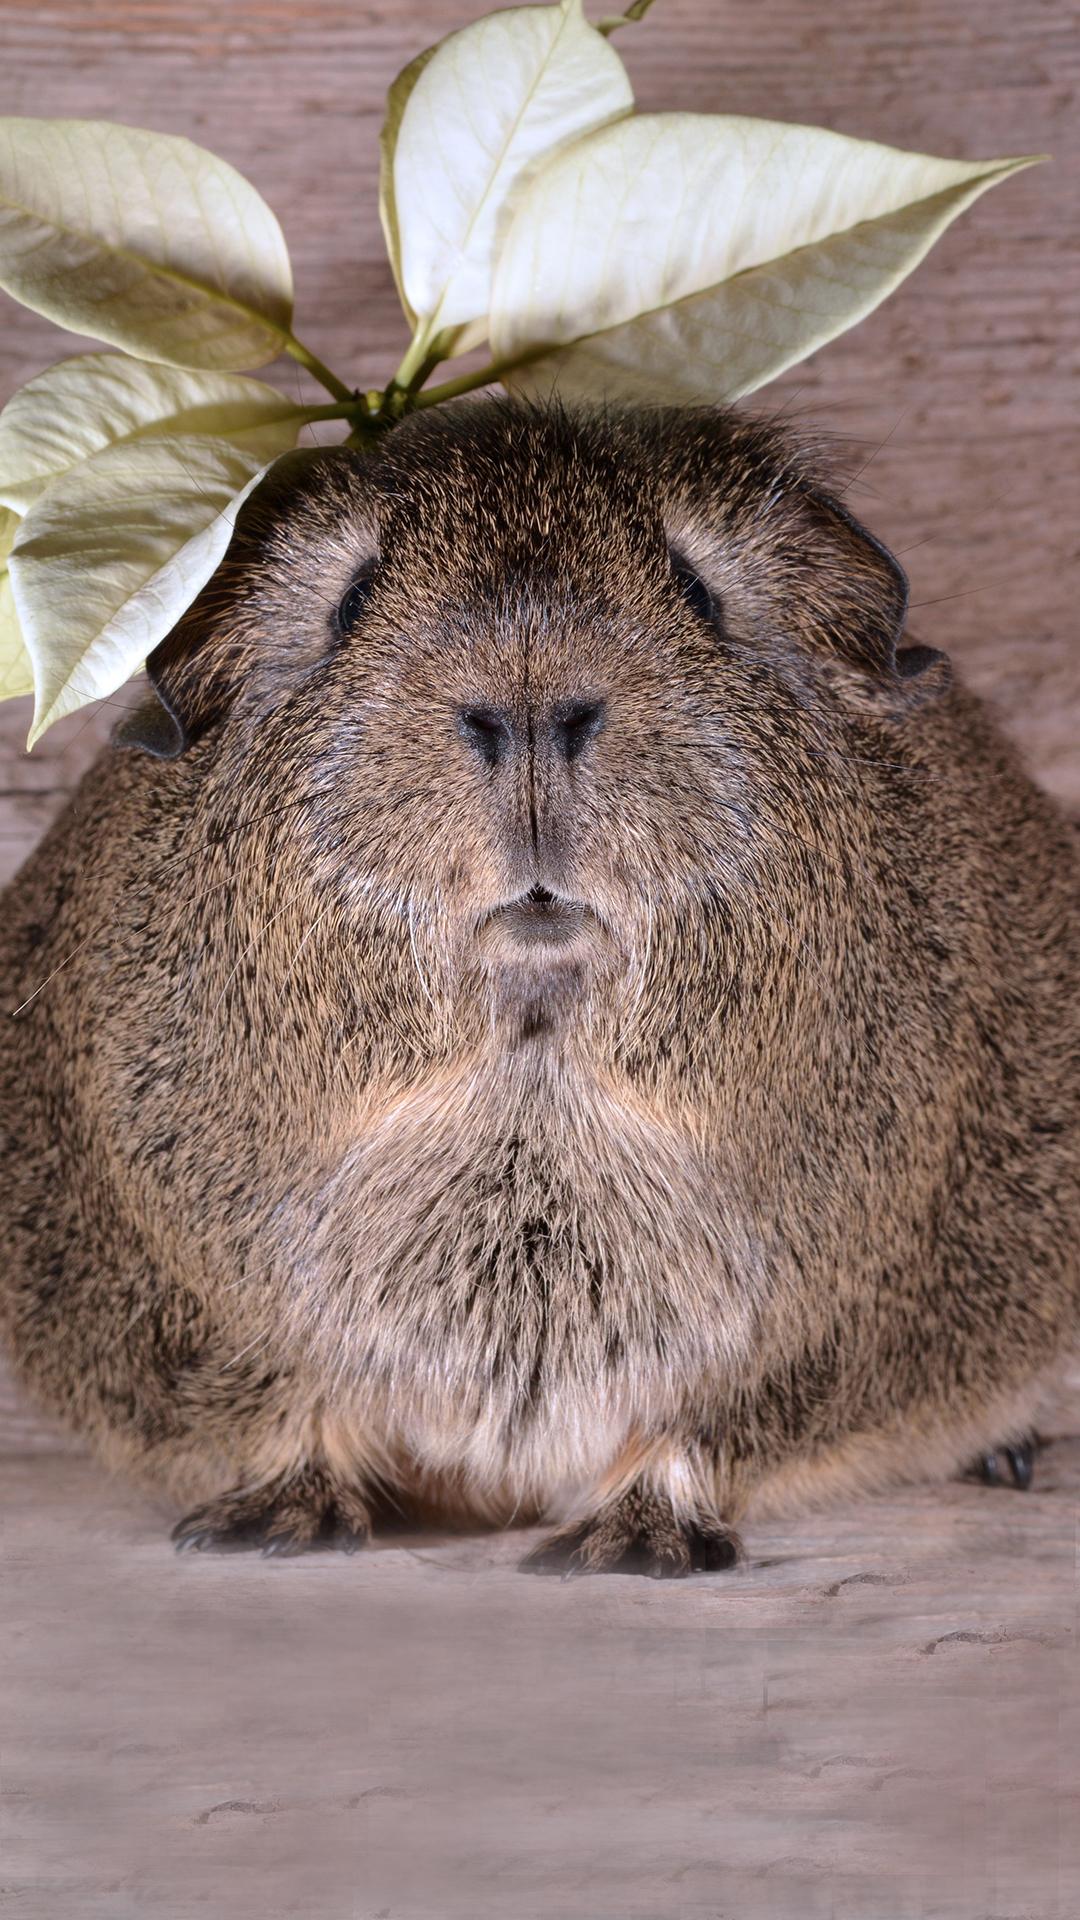 豚鼠 大型鼠科动物 呆萌 苹果手机高清壁纸 1080x1920